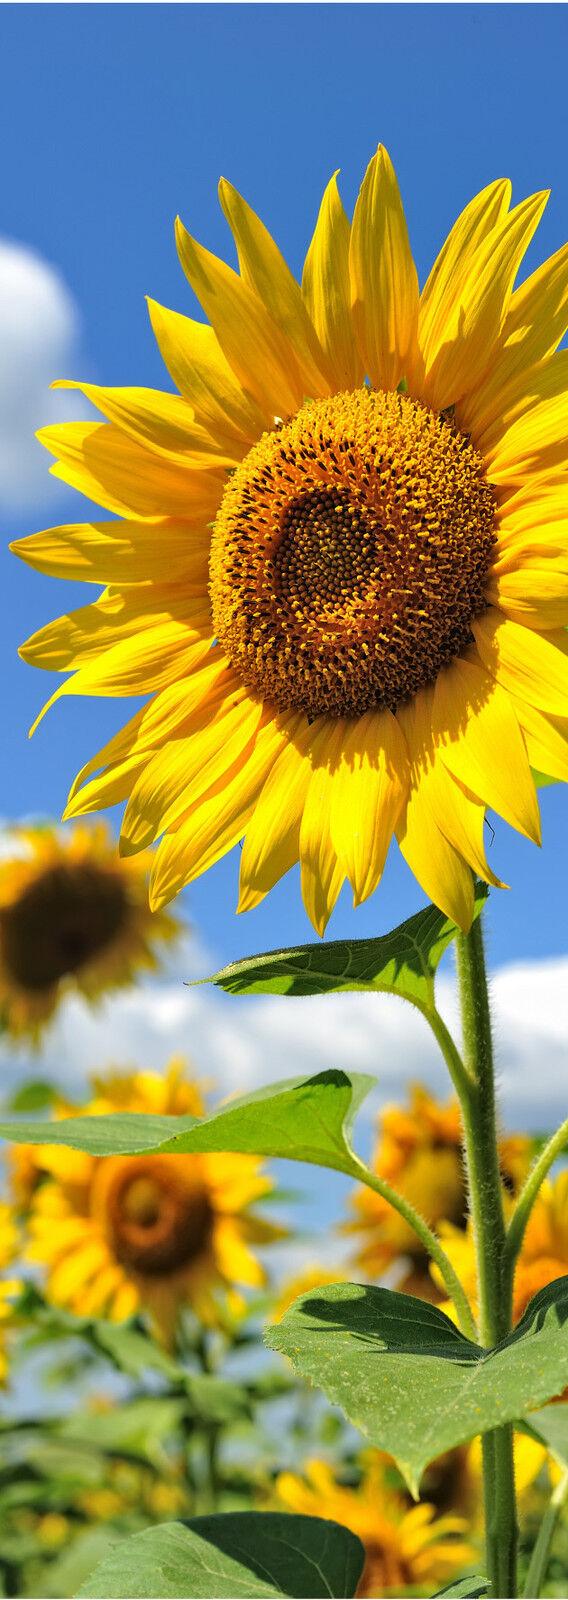 Plakat Plakat Tür Deko Schein Auge Sonnenblueme Ref 722 - 4 Größe